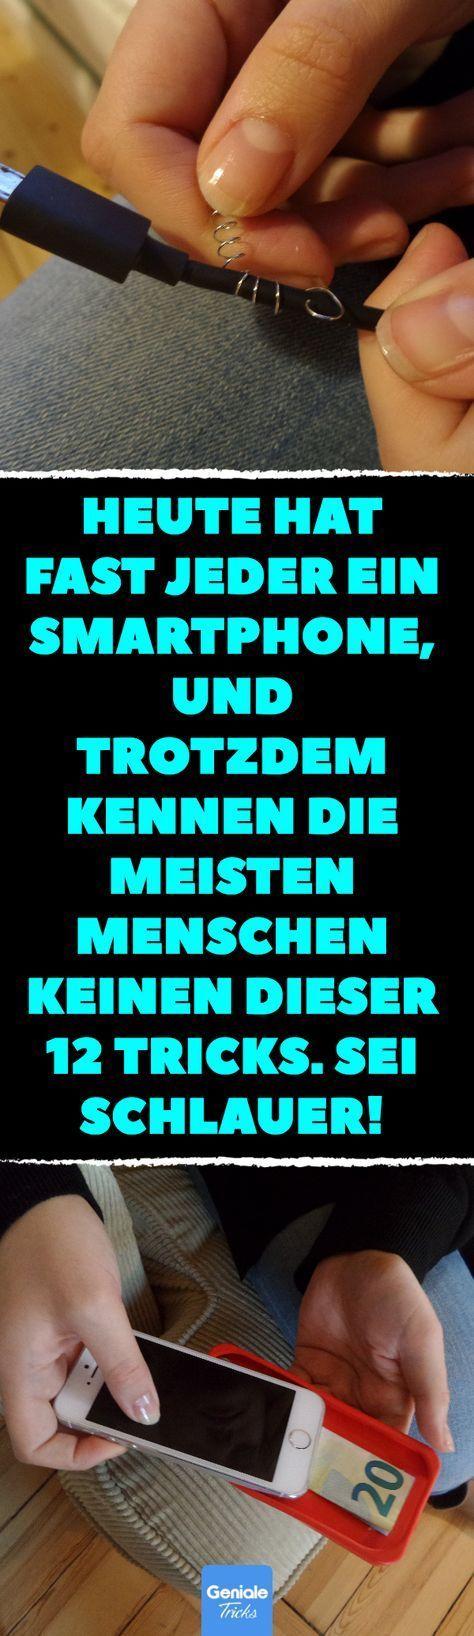 Heute hat fast jeder ein Smartphone, und trotzdem kennen die meisten Menschen keinen dieser 12 Tricks. Sei schlauer! Für dein Smartphone: 12 Tricks rund ums Handy. #smartphone #handy #telefon #diy #technik #elektronik – Manuela Warnecke